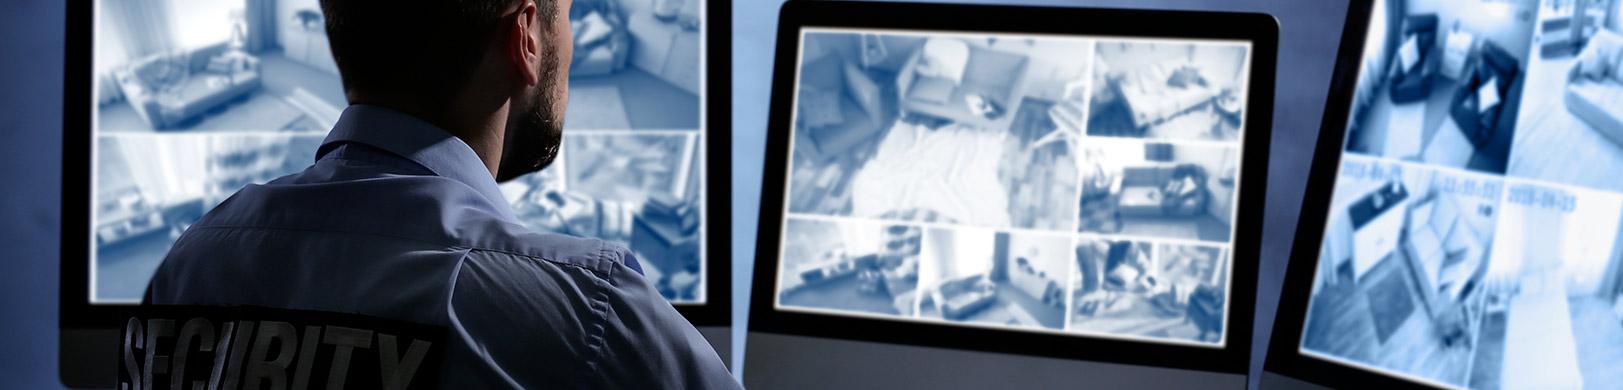 Les différents types de vidéosurveillance